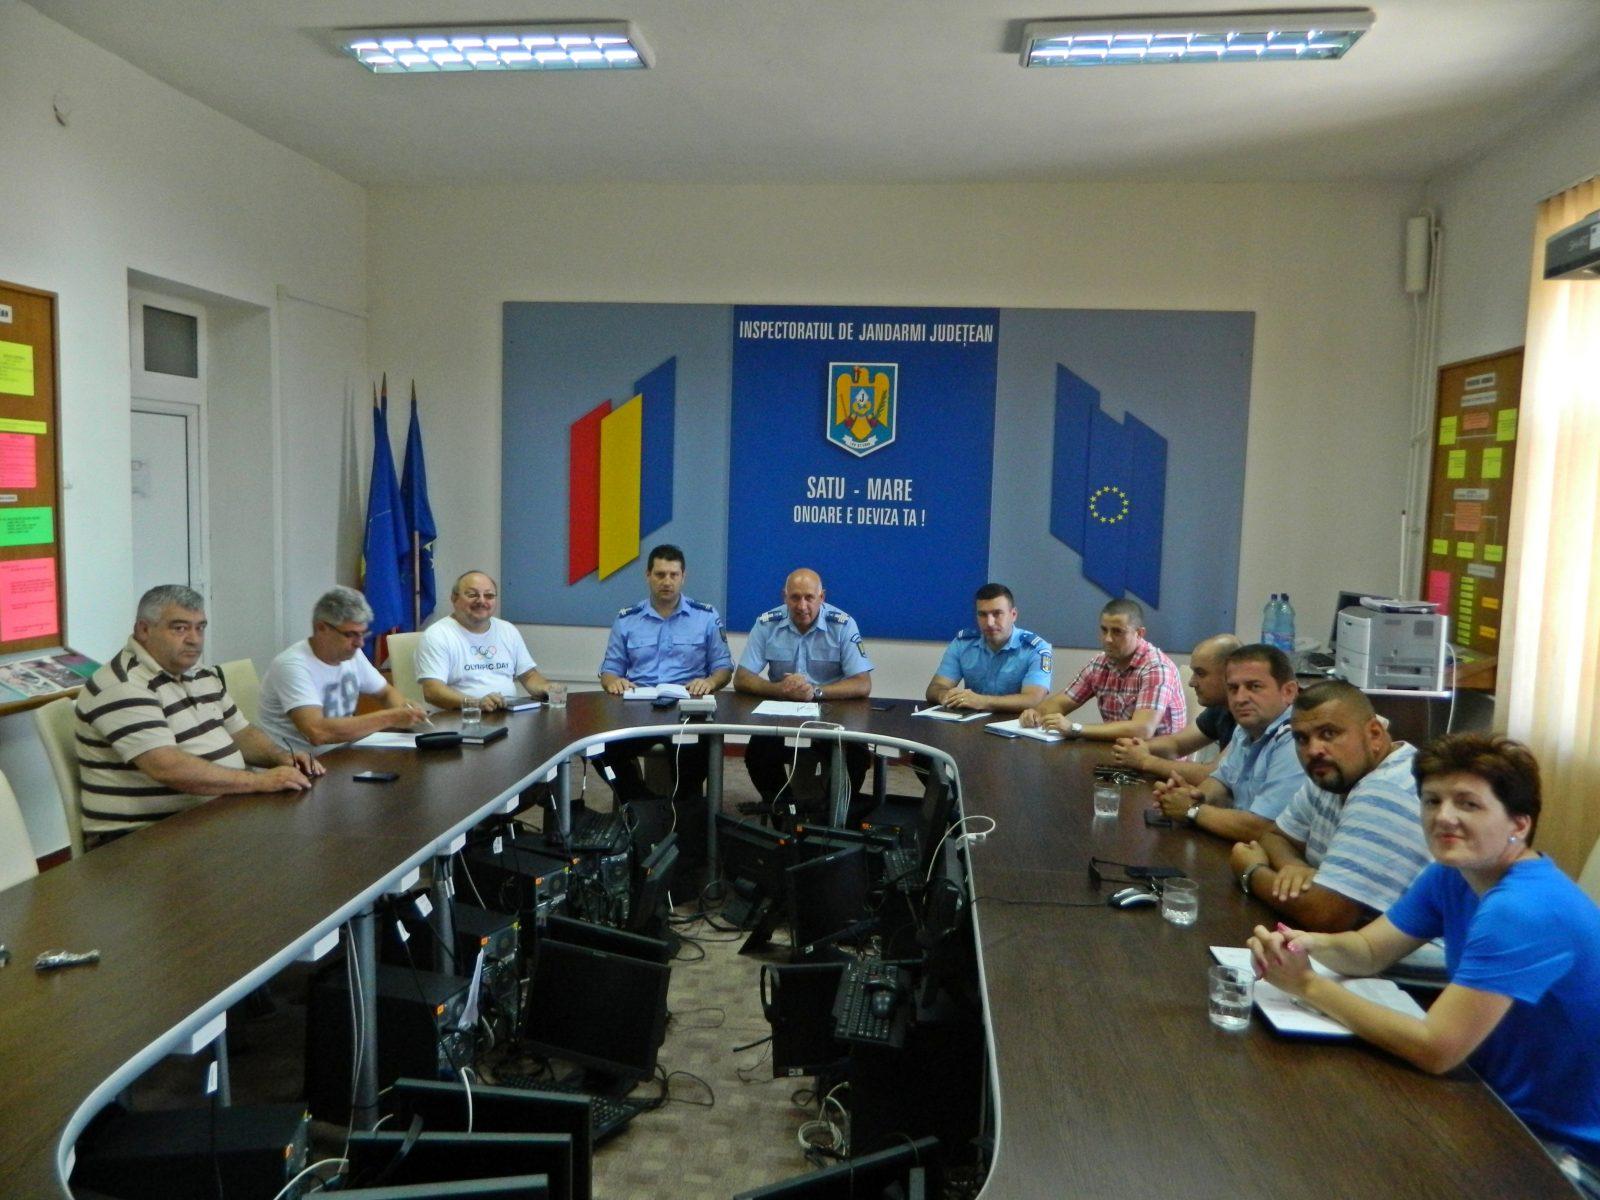 Intâlnire intre jandarmi si reprezentanţii cluburilor sportive din Satu Mare